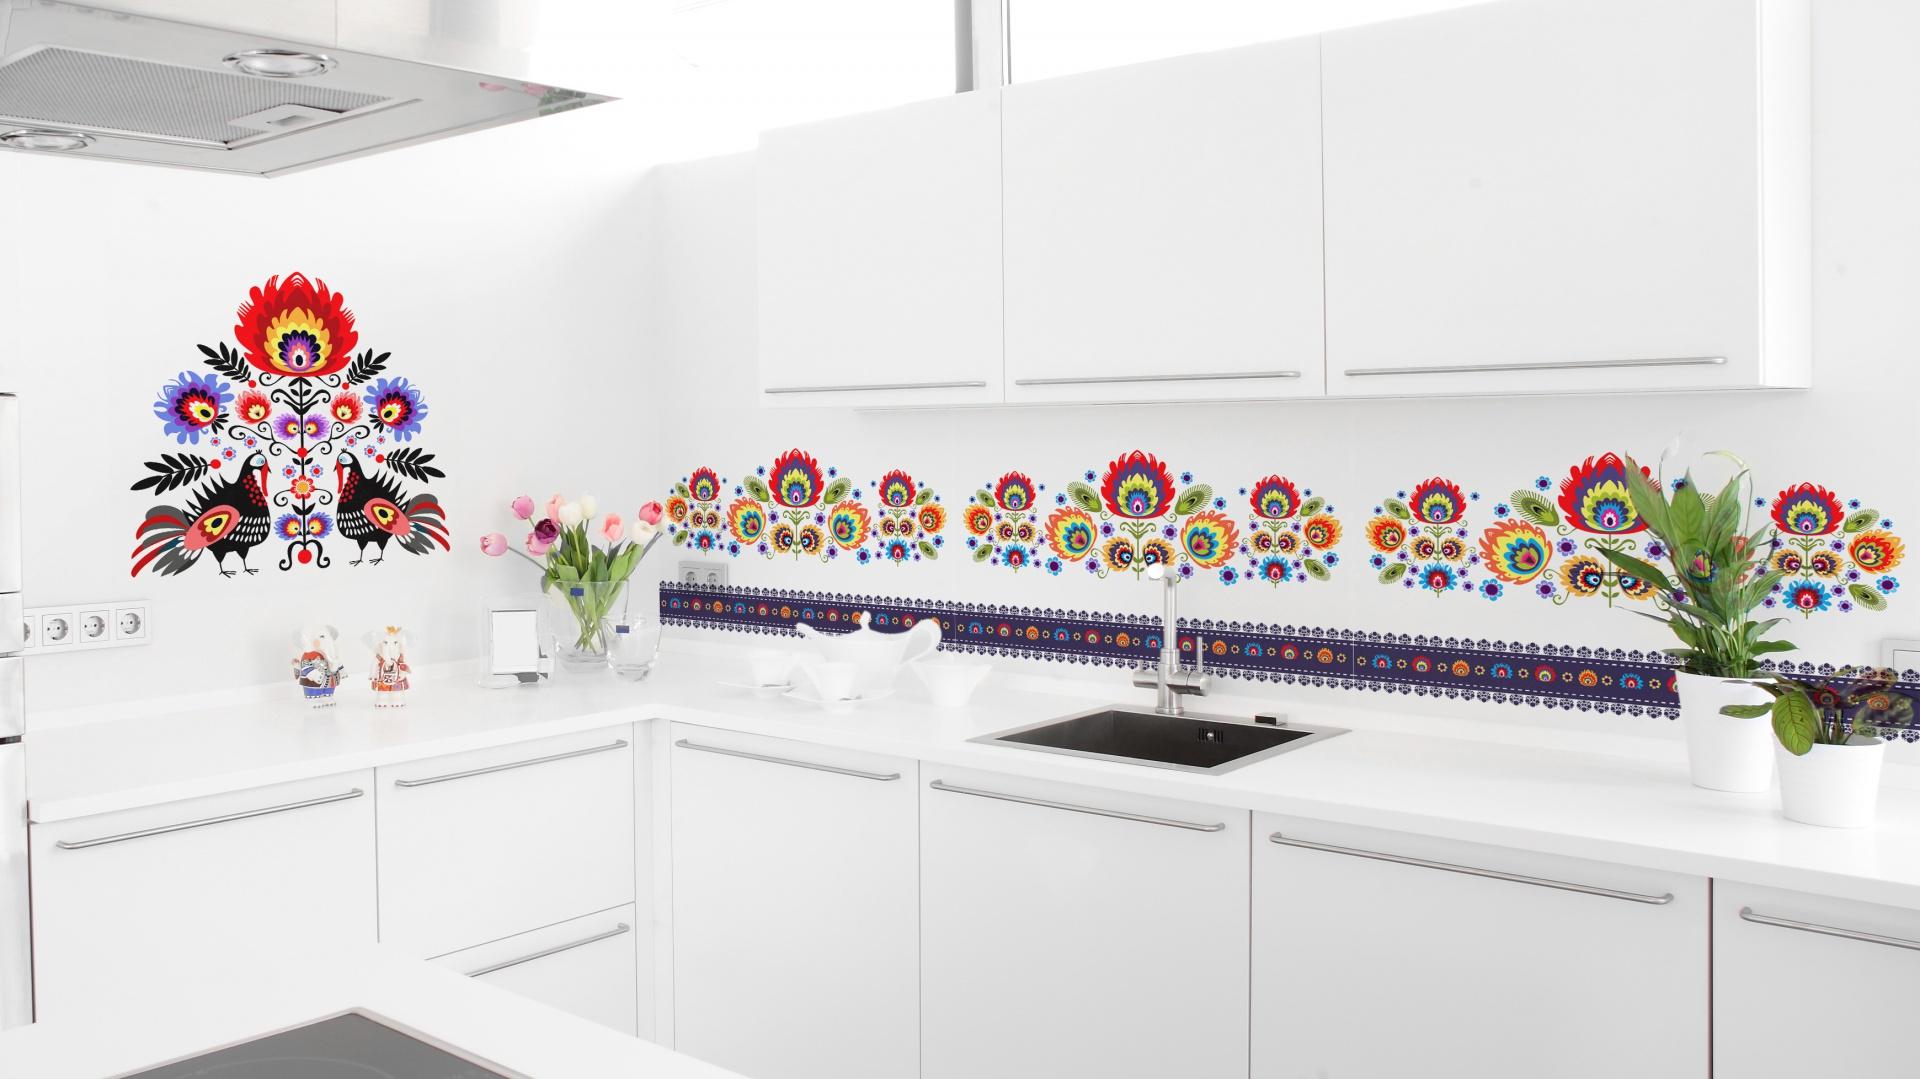 Kolejna propozycja z motywem ludowym. Białą nowoczesną kuchnię z gładkimi frontami i minimalistycznymi formami urozmaica kolorowy wzór ludowy - w większej i mniejszej wersji. Fot. Livingstyle.pl